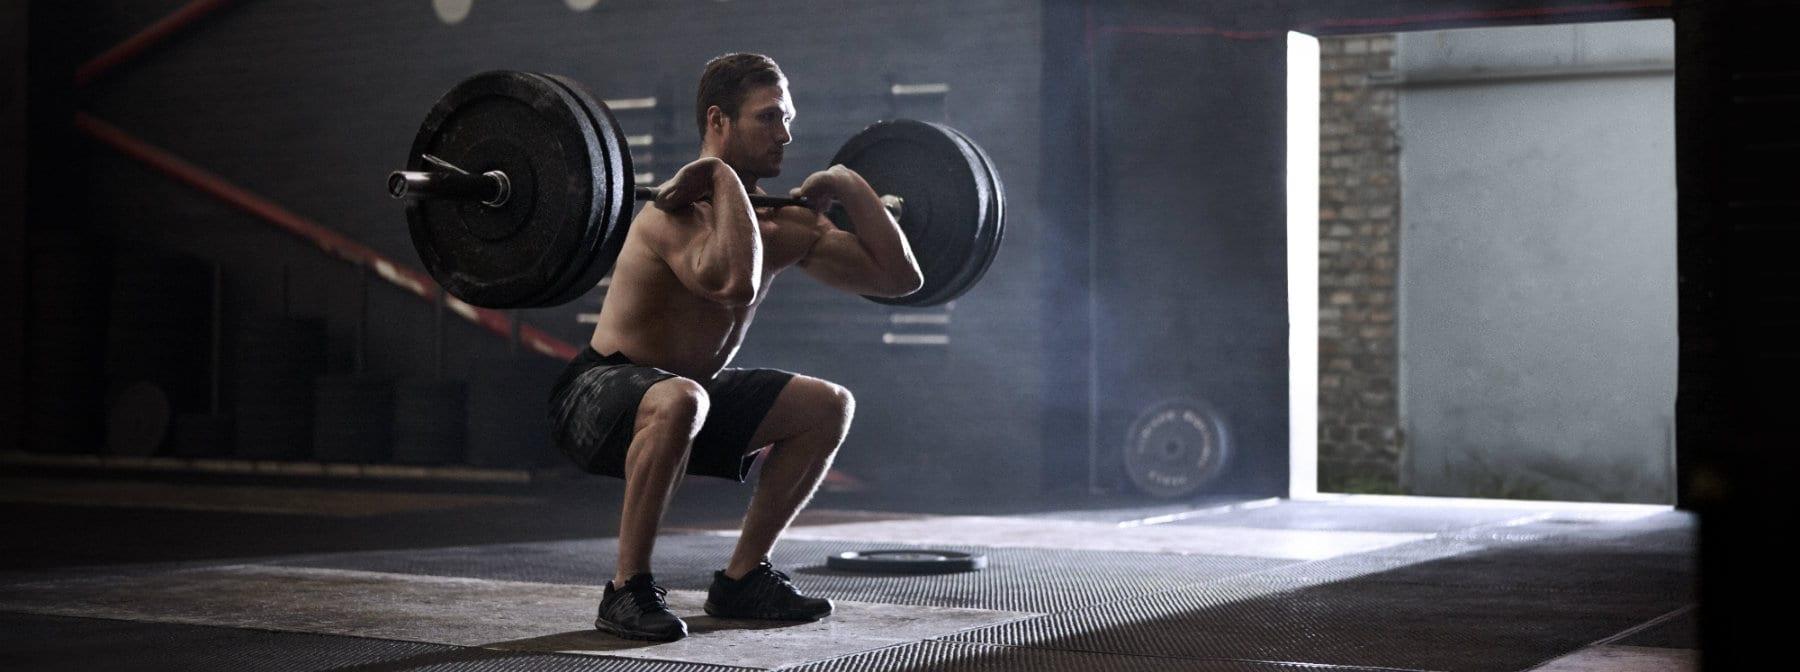 Los mejores suplementos para el entrenamiento funcional